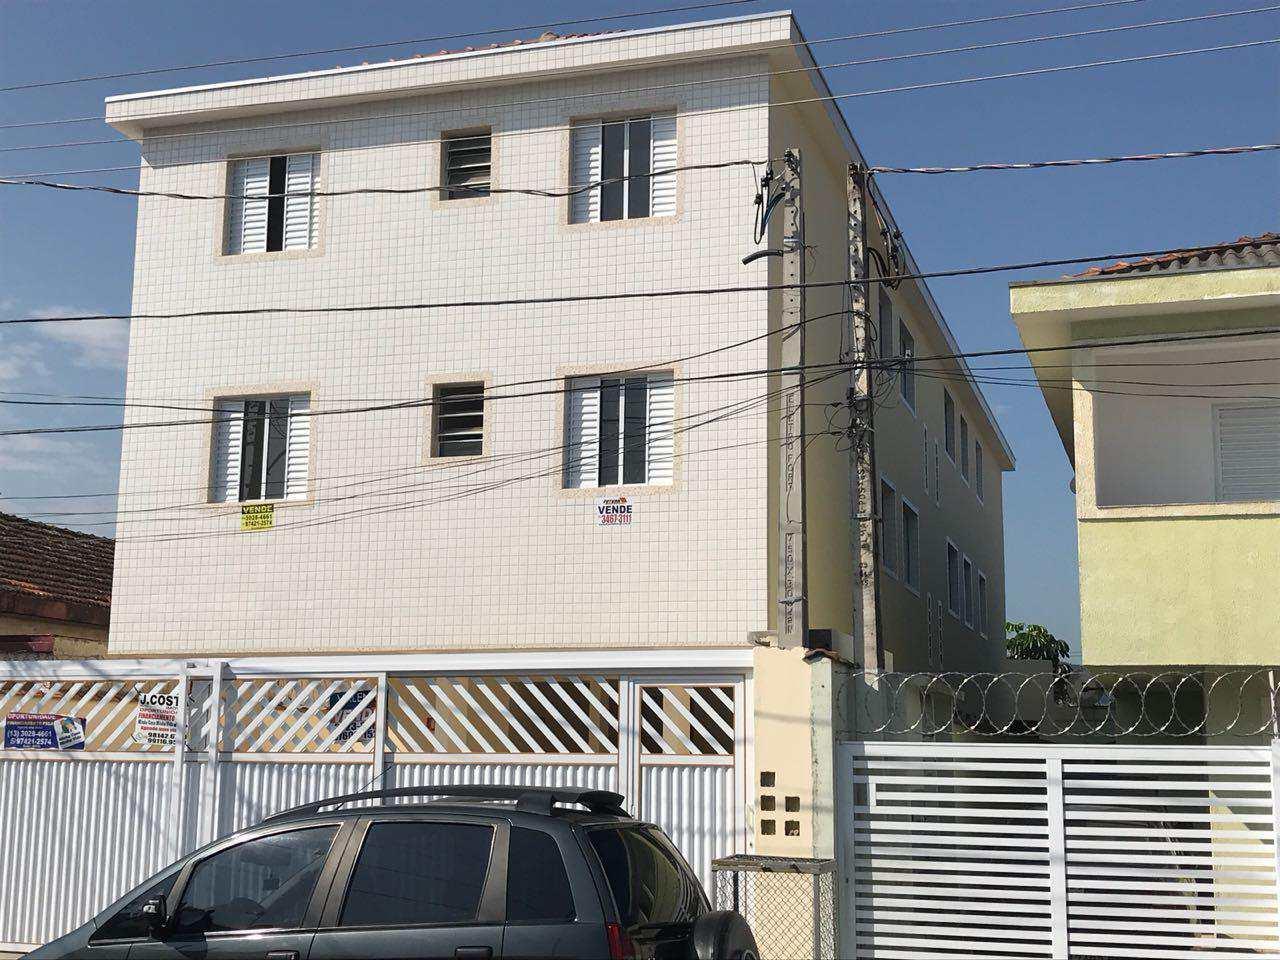 Apartamento com 2 dorms, Vila Margarida, São Vicente - R$ 169.900,00, 45,65m² - Codigo: 10906